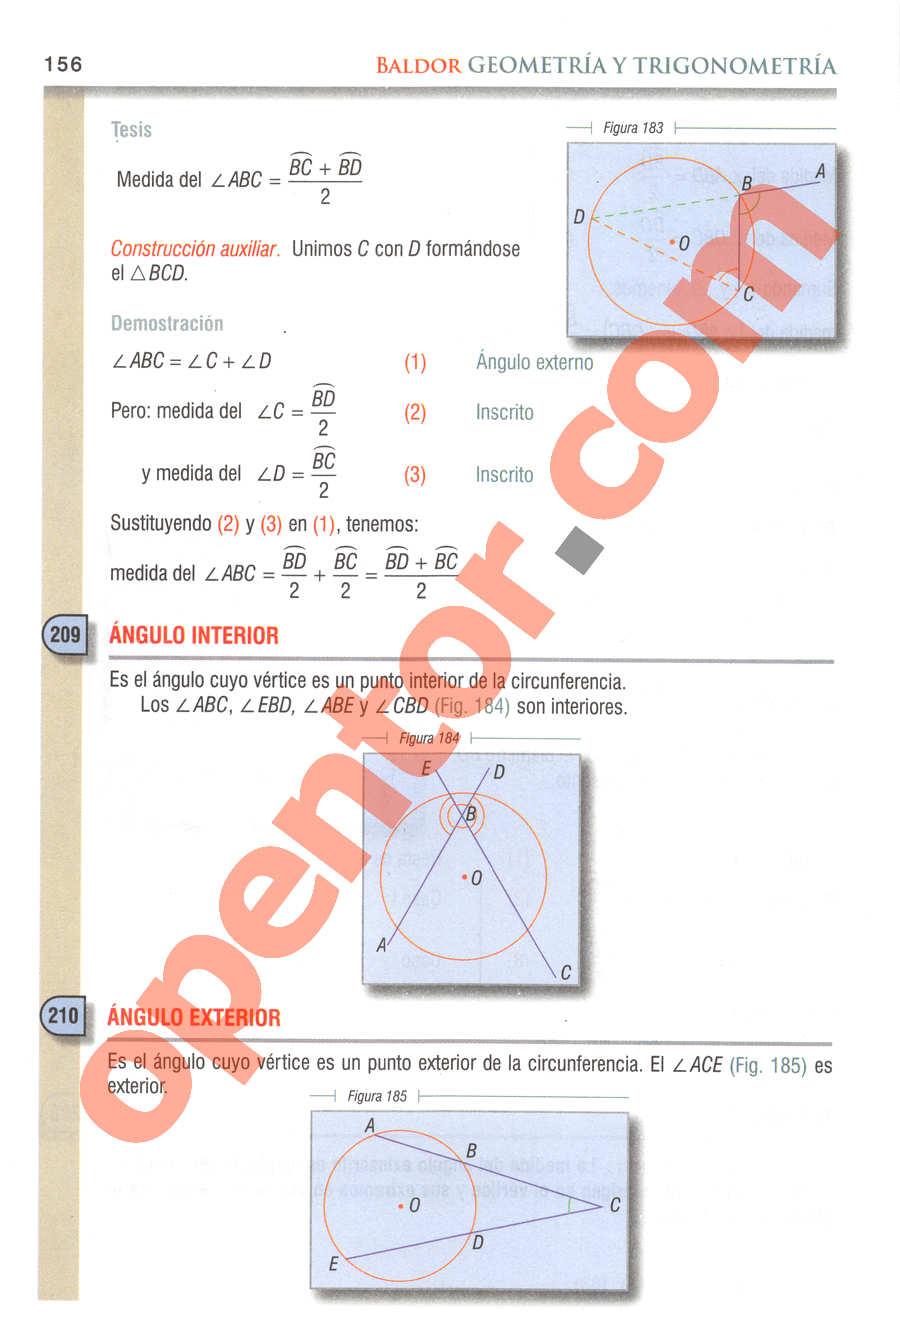 Geometría y Trigonometría de Baldor - Página 156